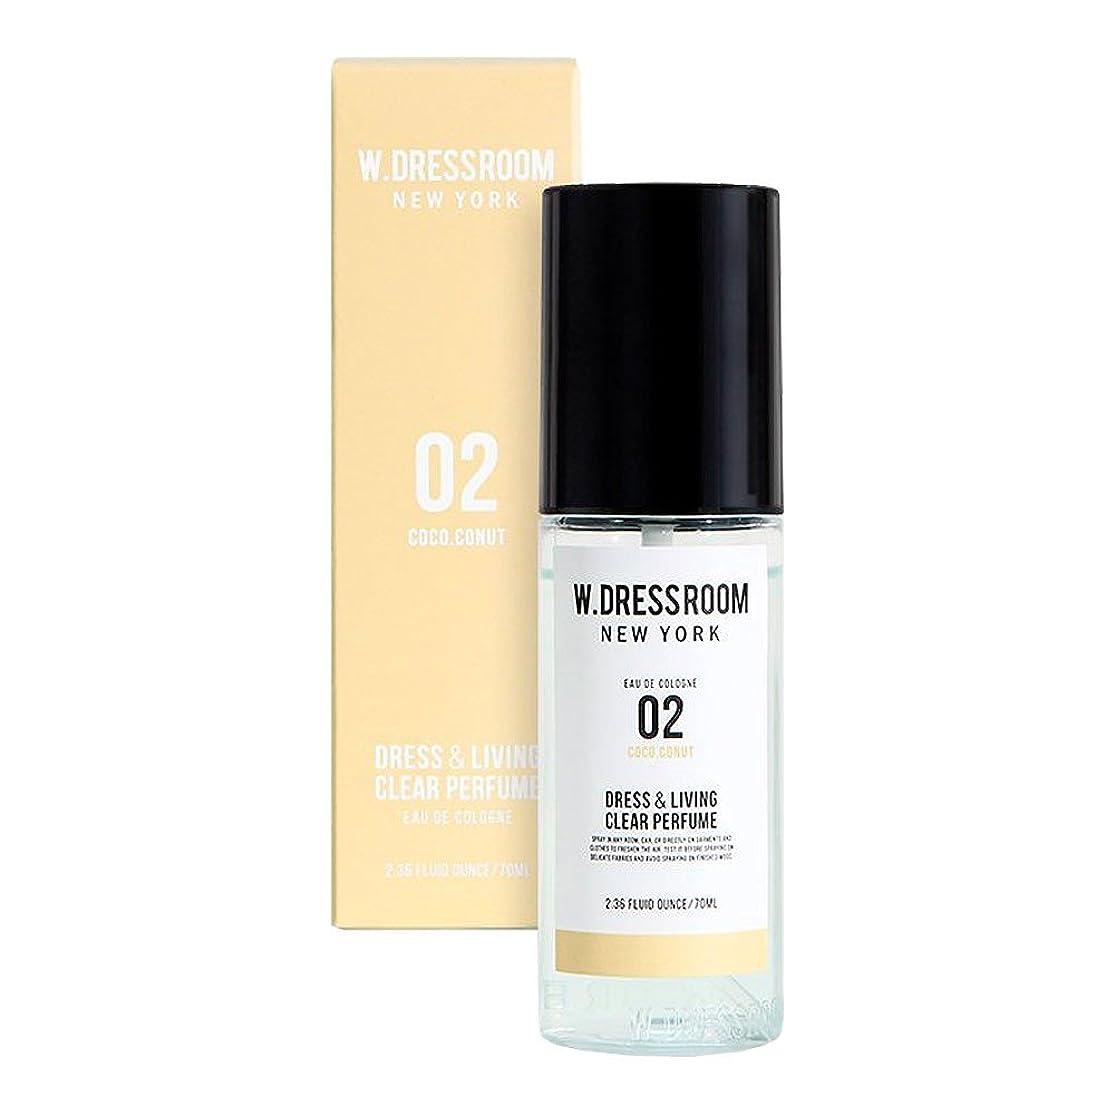 ジョットディボンドンローンがっかりするW.DRESSROOM Dress & Living Clear Perfume fragrance 70ml (#No.02 Coco Conut) /ダブルドレスルーム ドレス&リビング クリア パフューム 70ml (#No.02 Coco Conut)